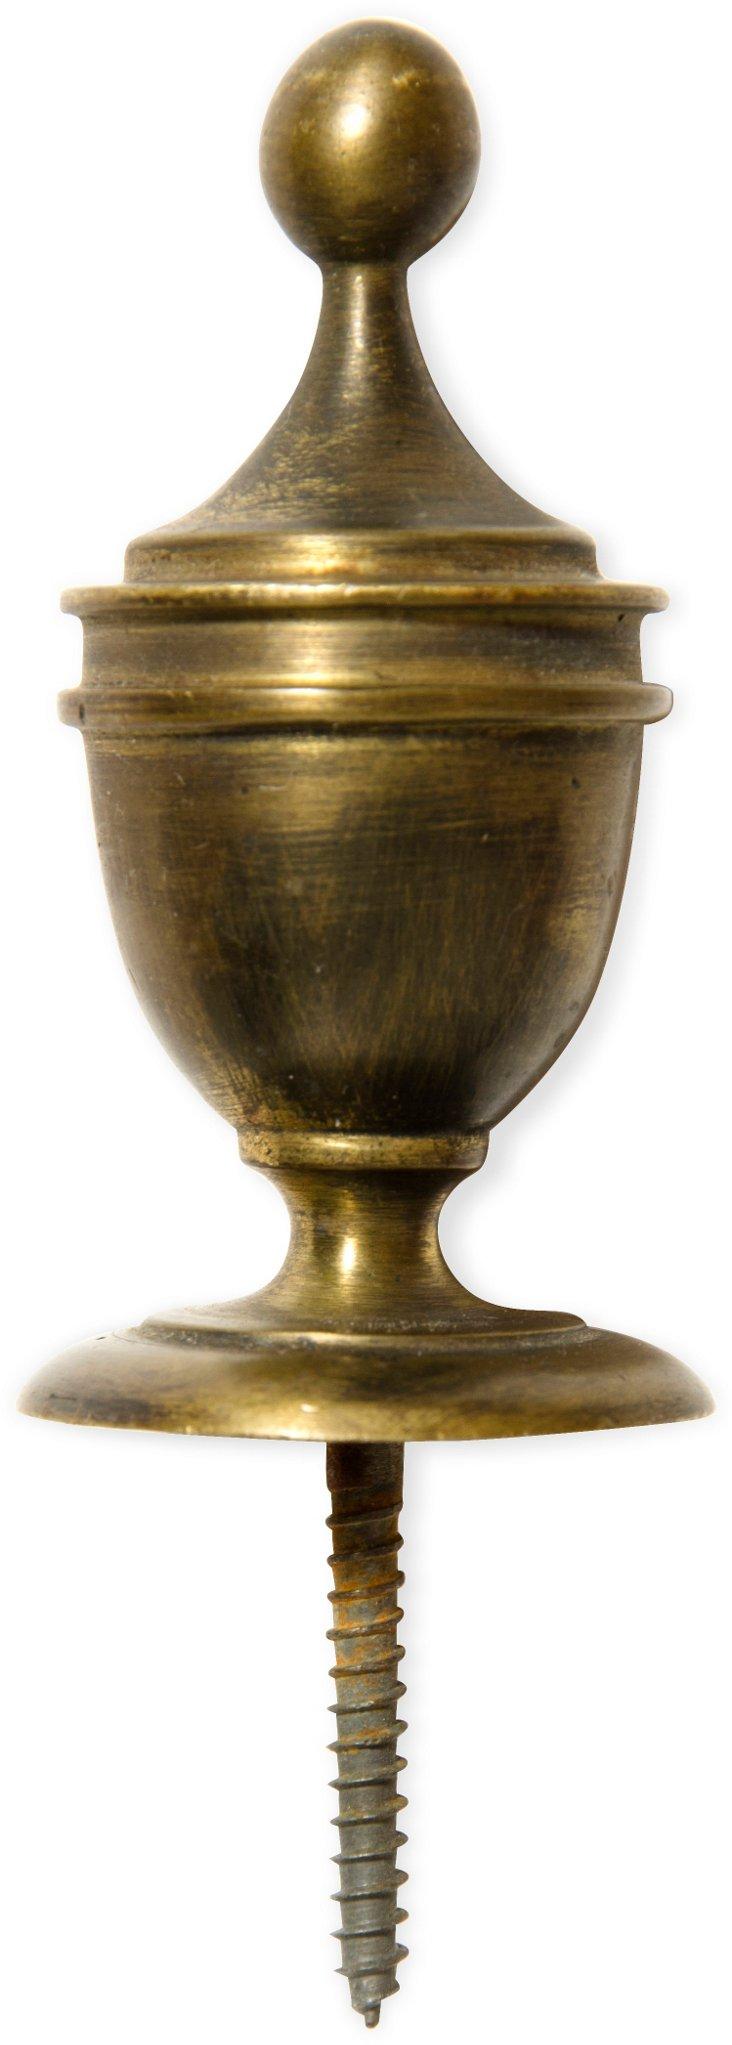 Antique Brass Doorknob II